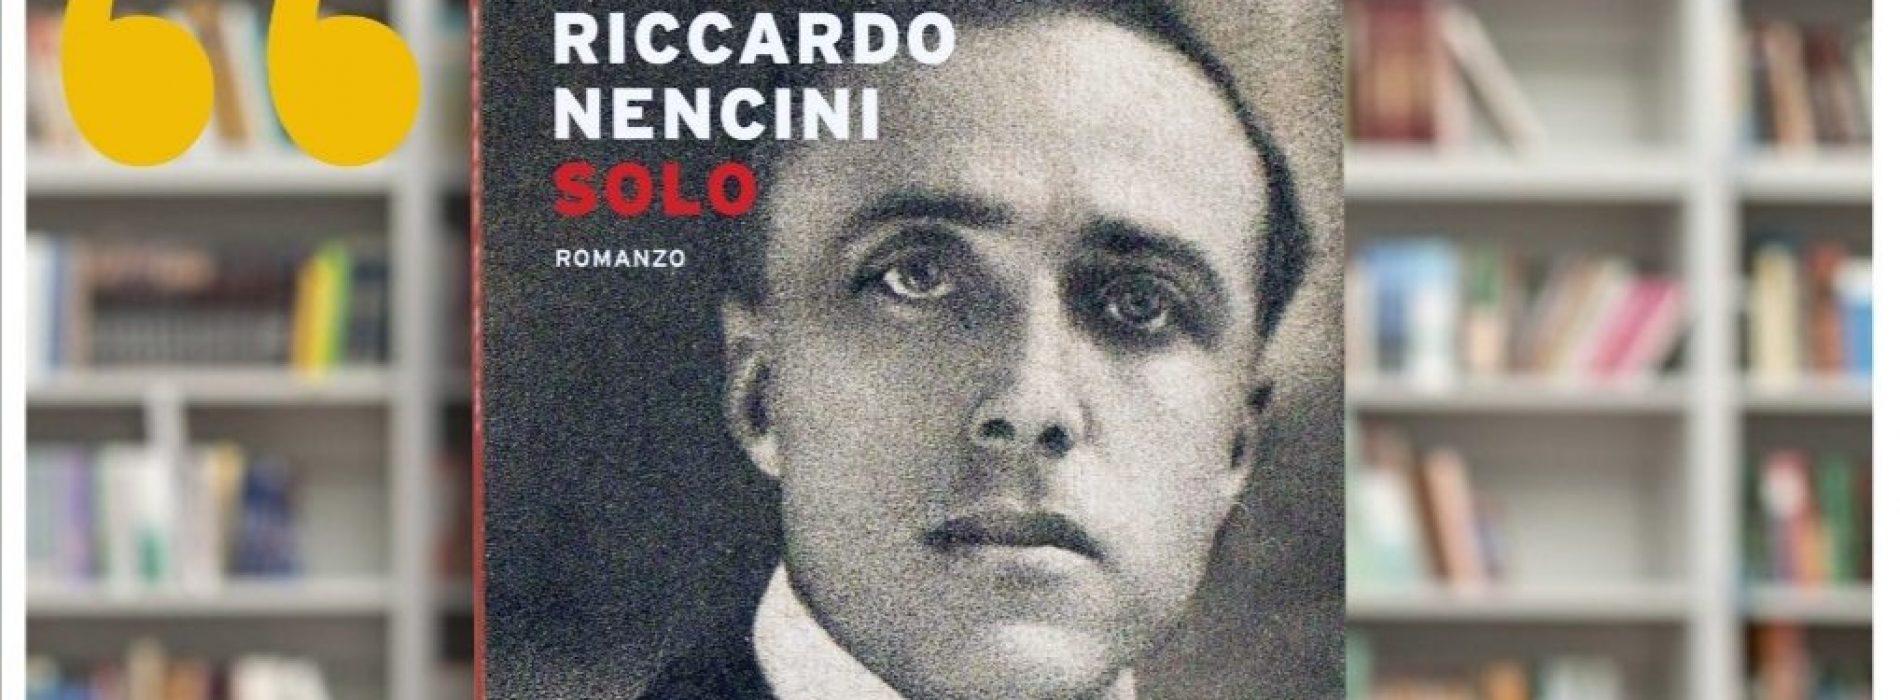 Matteotti uomo solo, alla Vanvitelli il libro di Riccardo Nencini